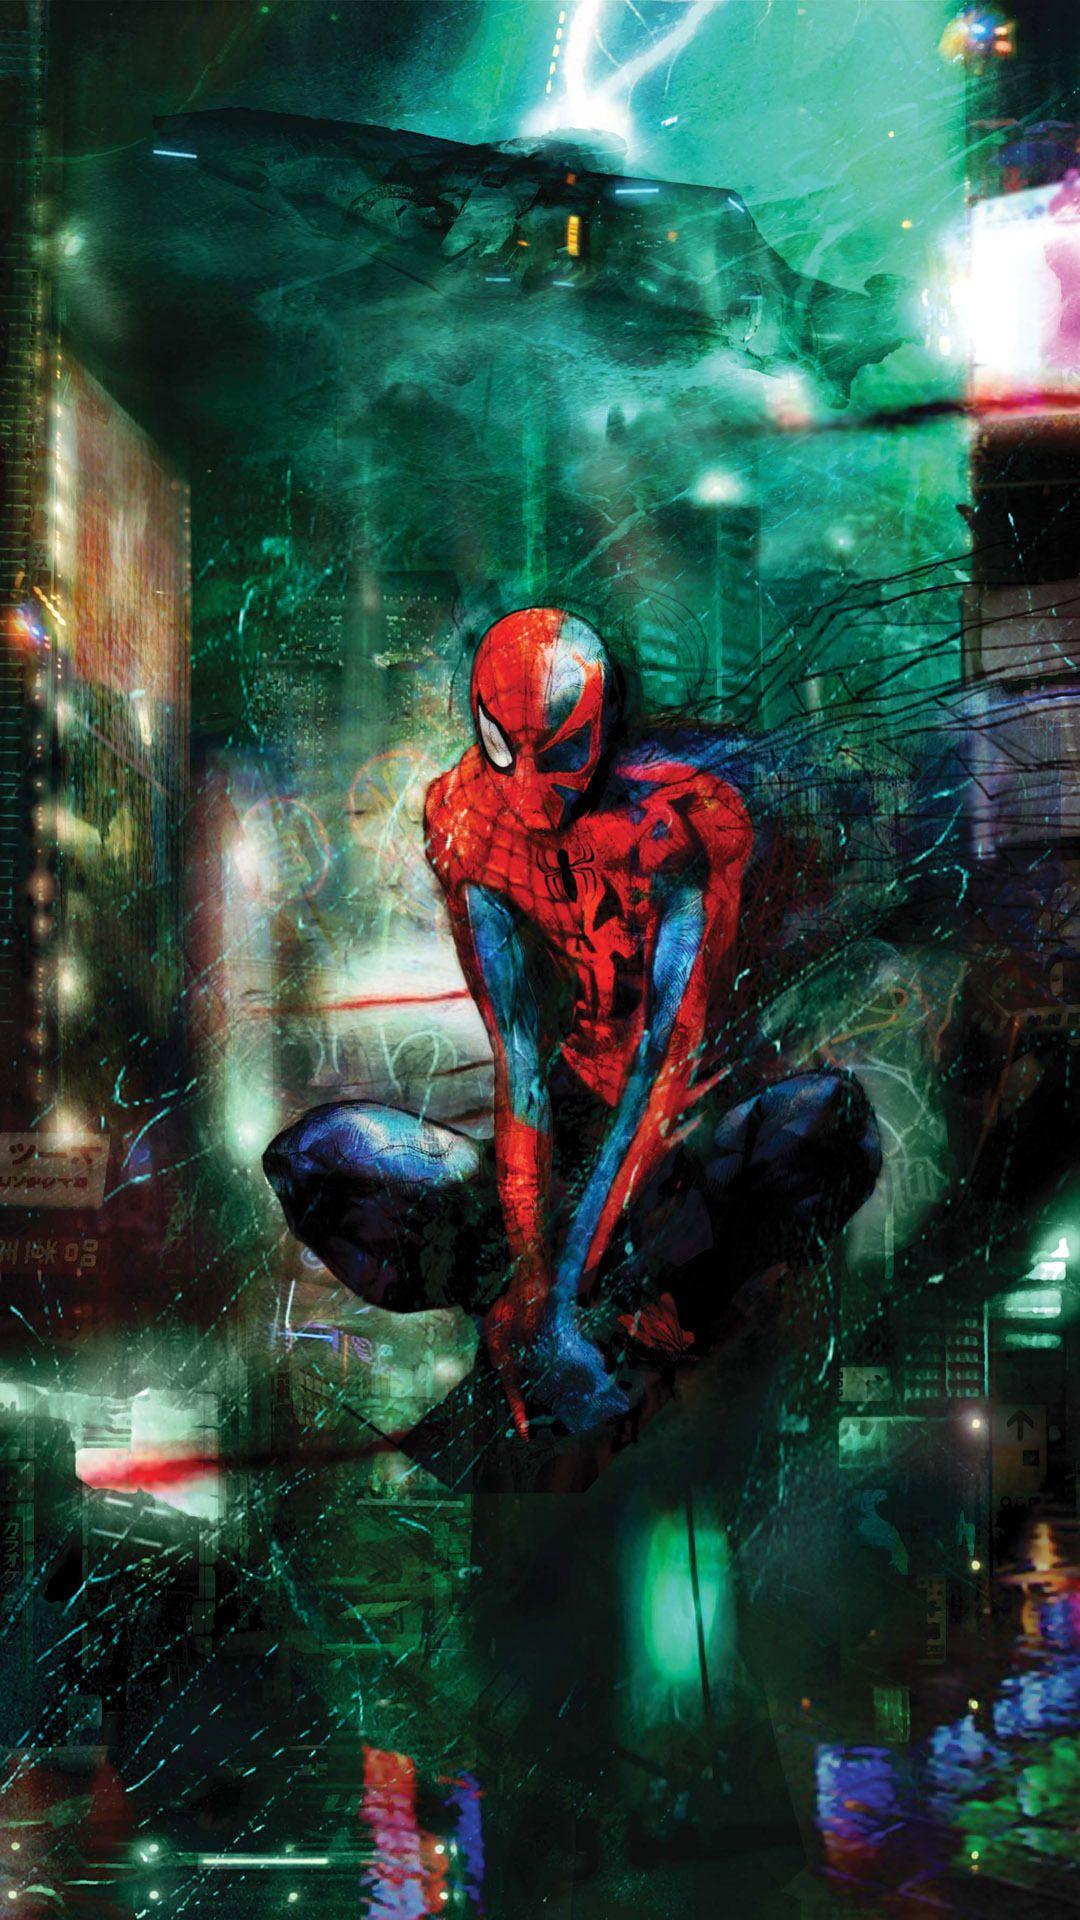 スパイダーマン マーベルのアート マーベル 壁紙 アベンジャーズ 壁紙